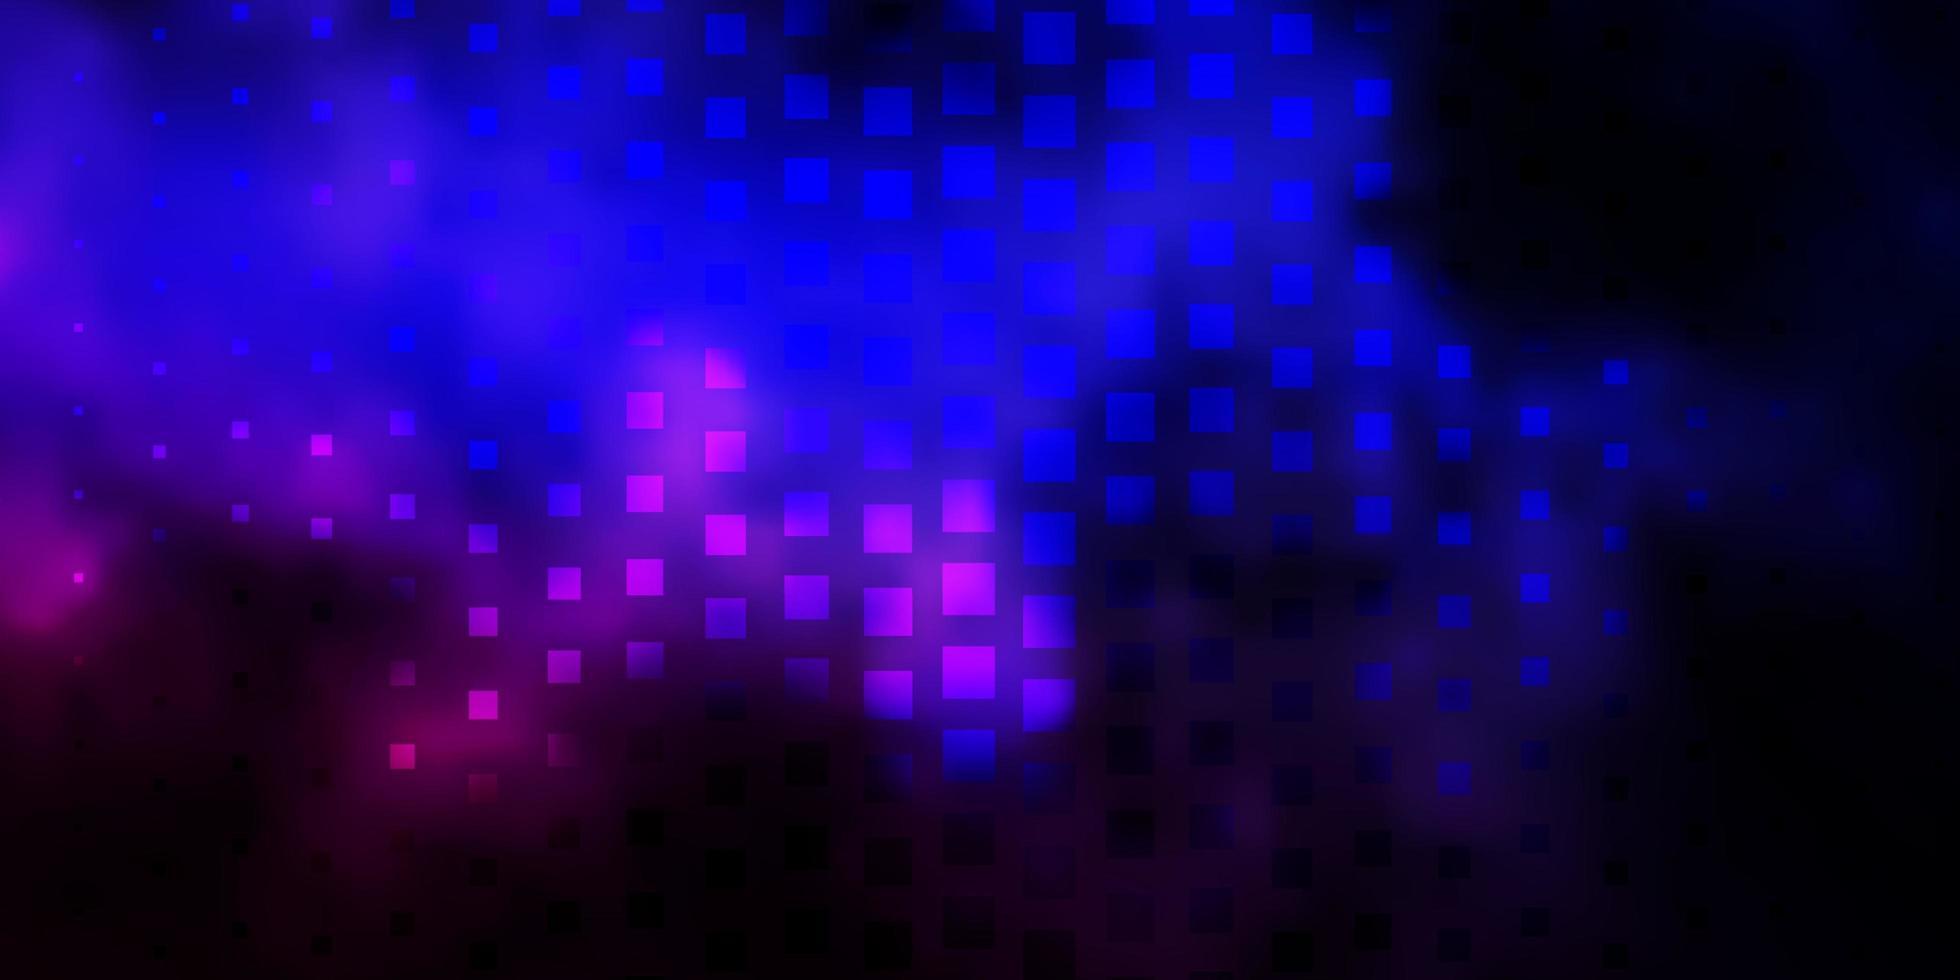 dunkelrosa, blauer Vektorhintergrund im polygonalen Stil. vektor